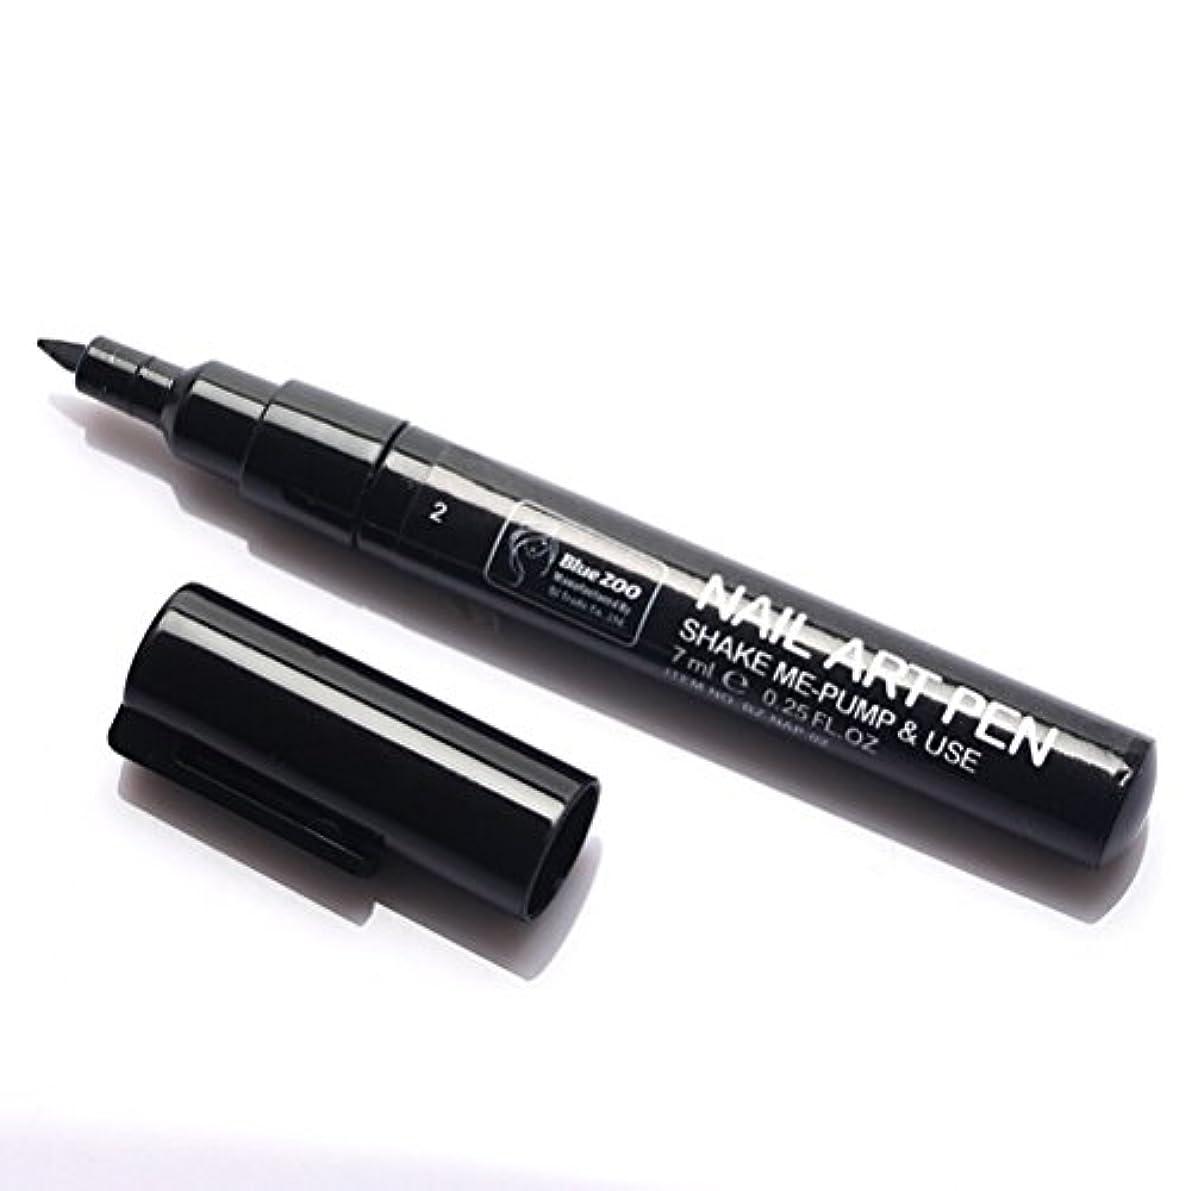 山積みの全員キネマティクス(メイクアップエーシーシー) MakeupAcc カラーネイルアートペン 3Dネイルペン ネイルアートペン ネイルマニキュア液 ペイントペン ペイント 両用 DIY 16色 (黒い) [並行輸入品]